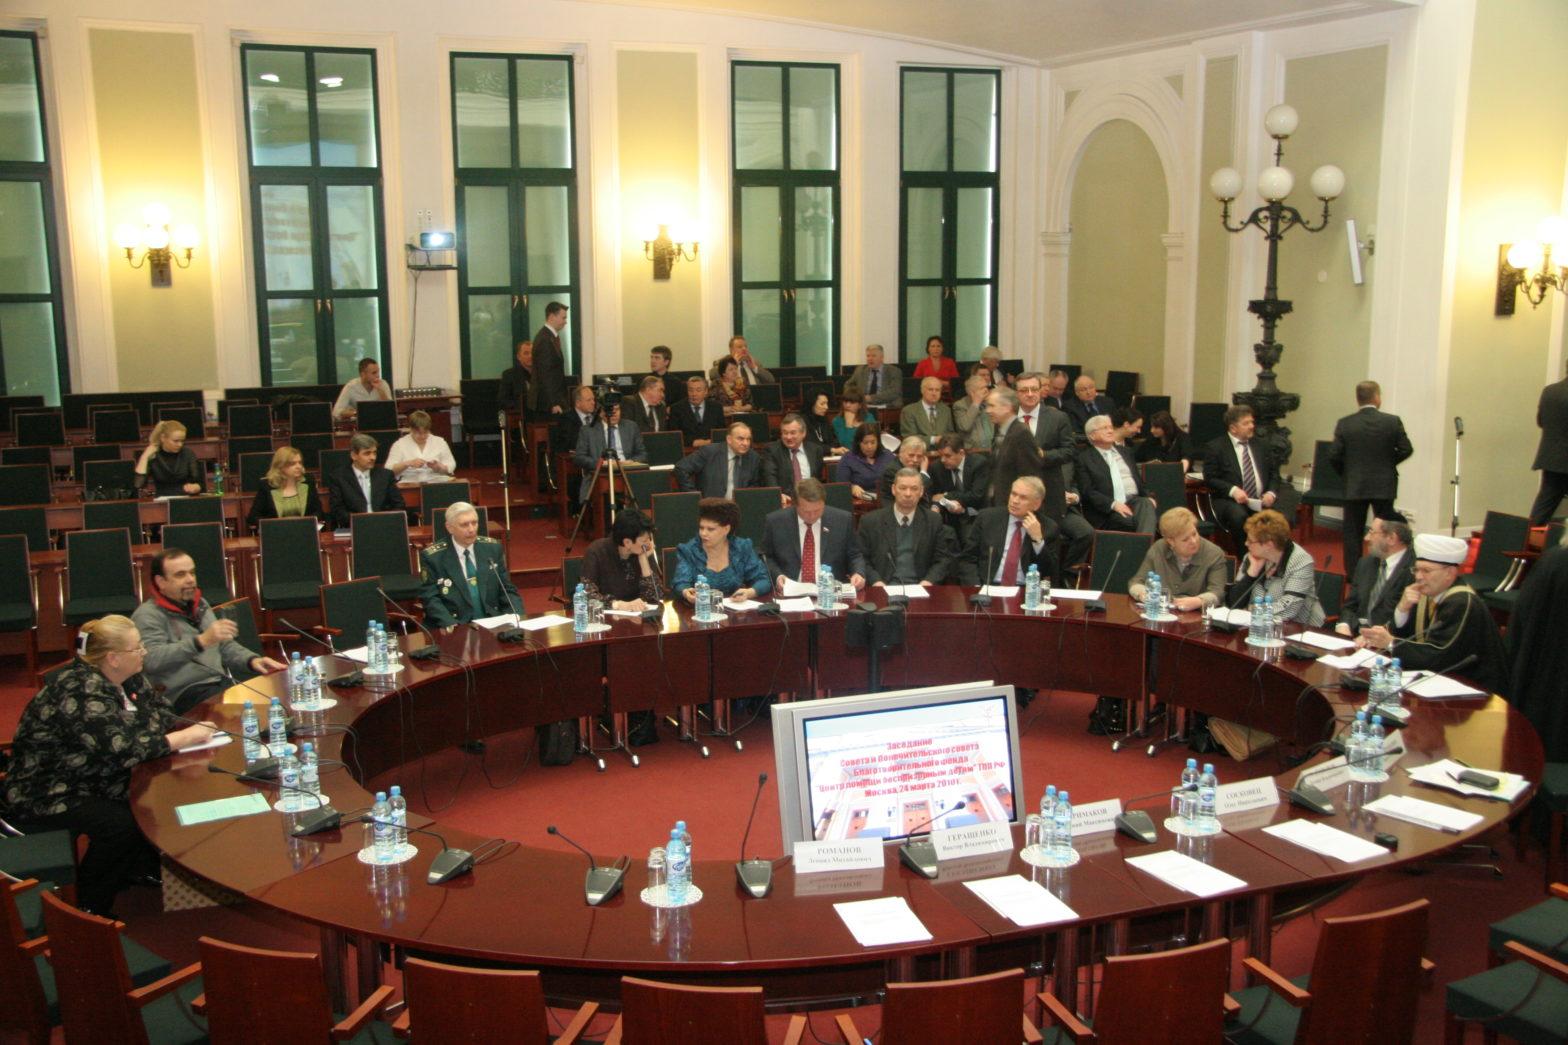 Итоги работы Фонда за 2009 год в ежегодном отчетном заседании Совета и Попечительского Совета Фонда